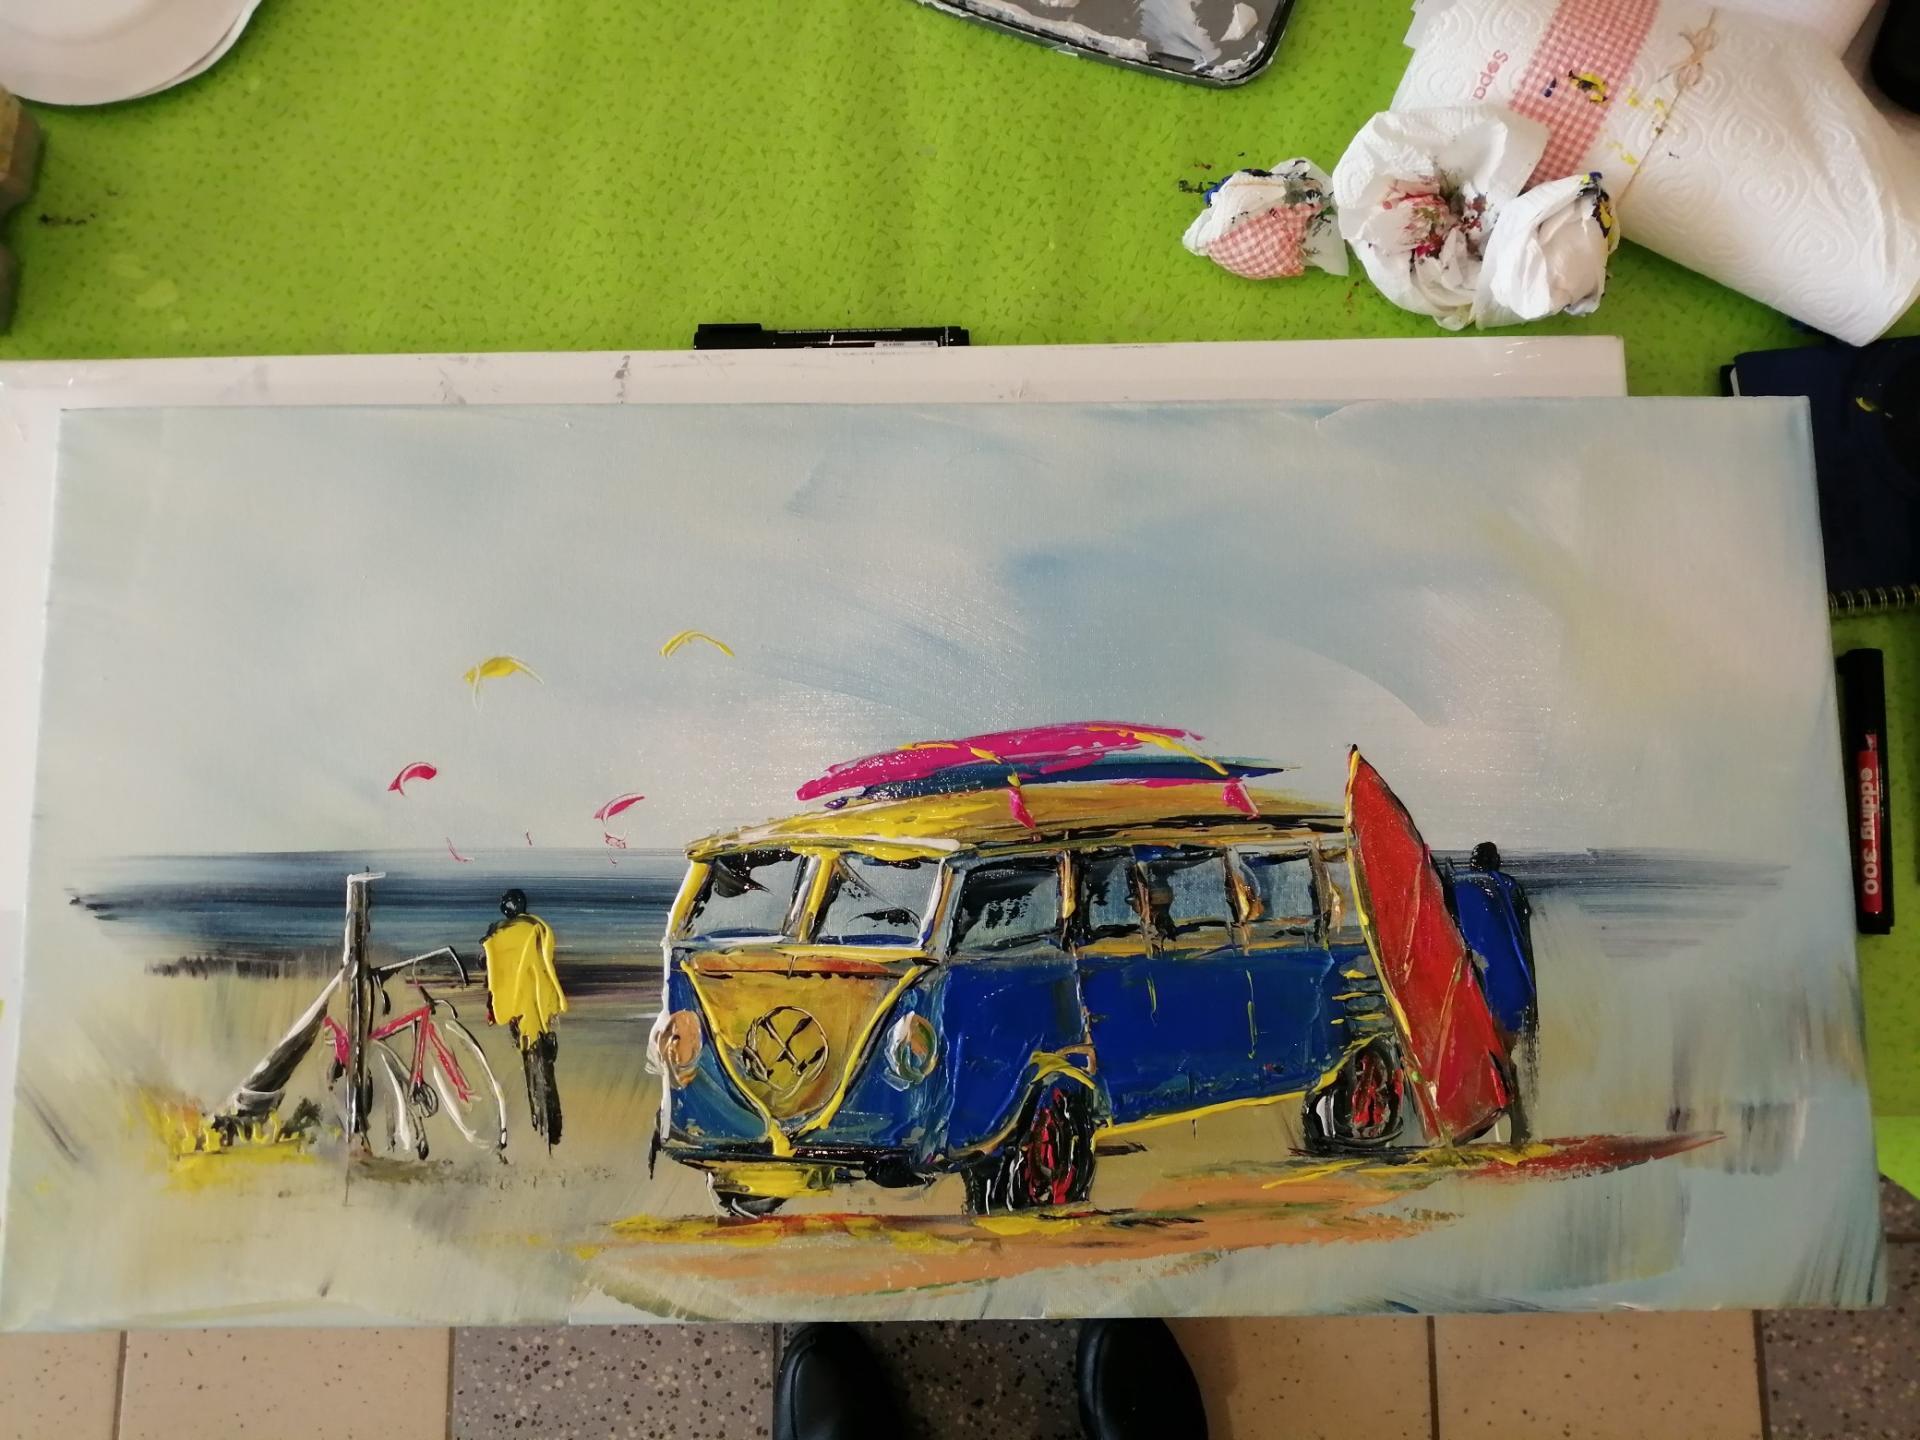 le combi bleu et jaune